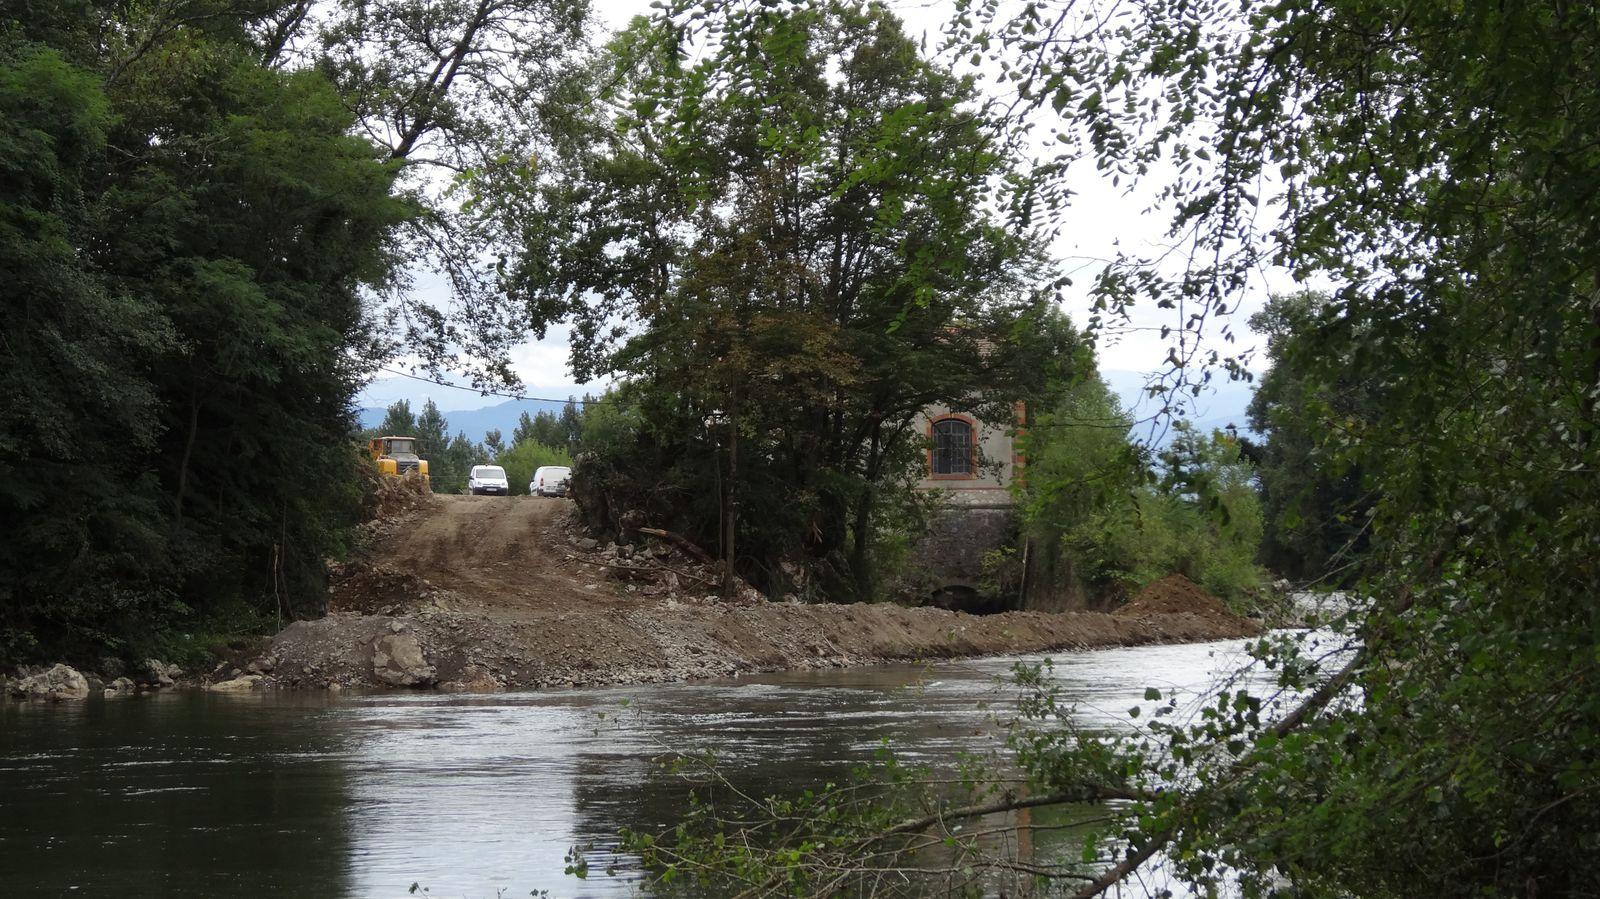 Le canal d'amenée est vidé et une digue ferme le canal de sortie